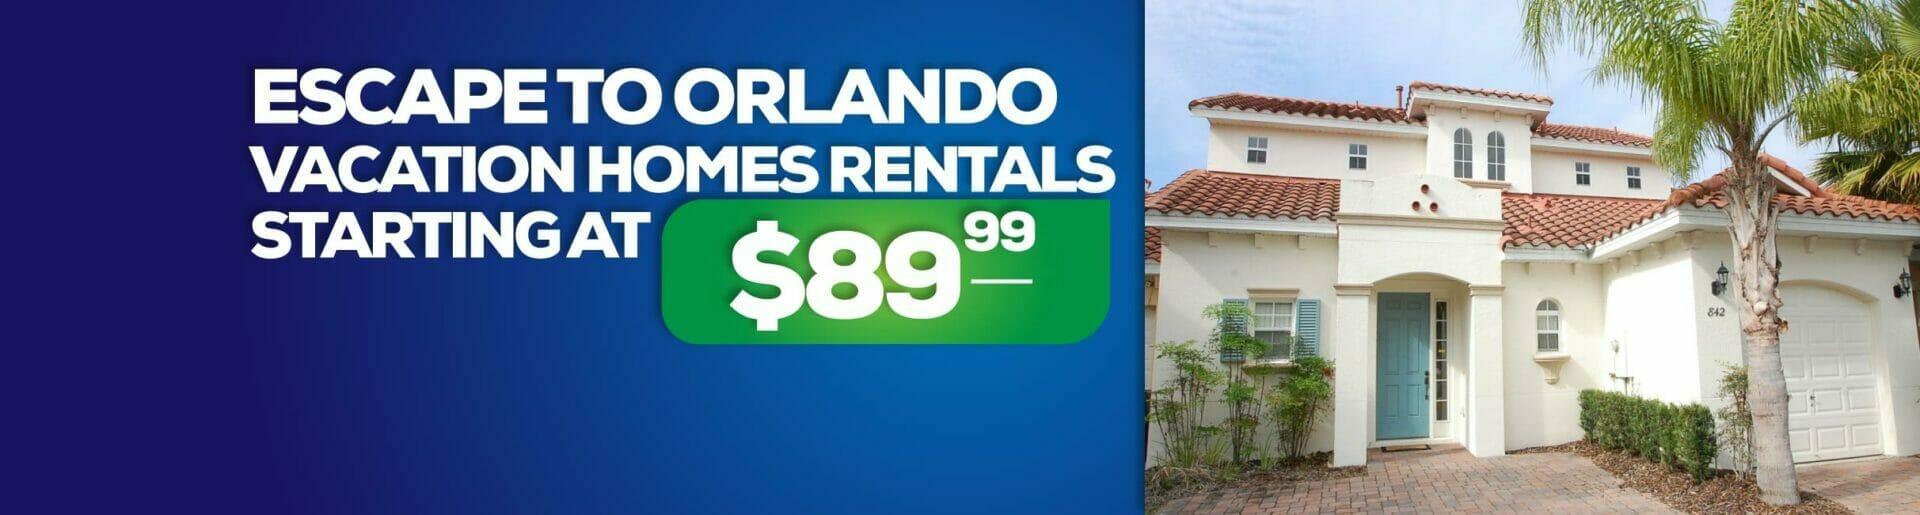 Orlando vacation homes rentals